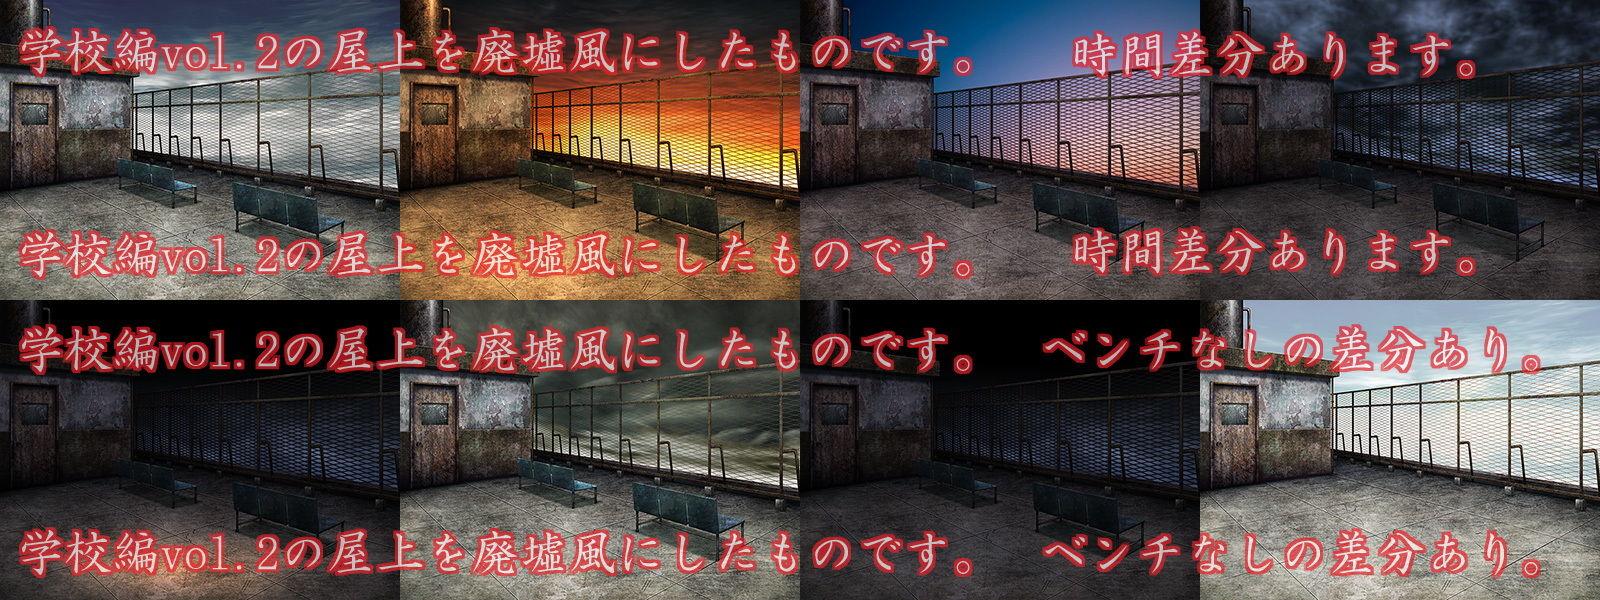 著作権フリー背景CG素材「廃墟の屋上」